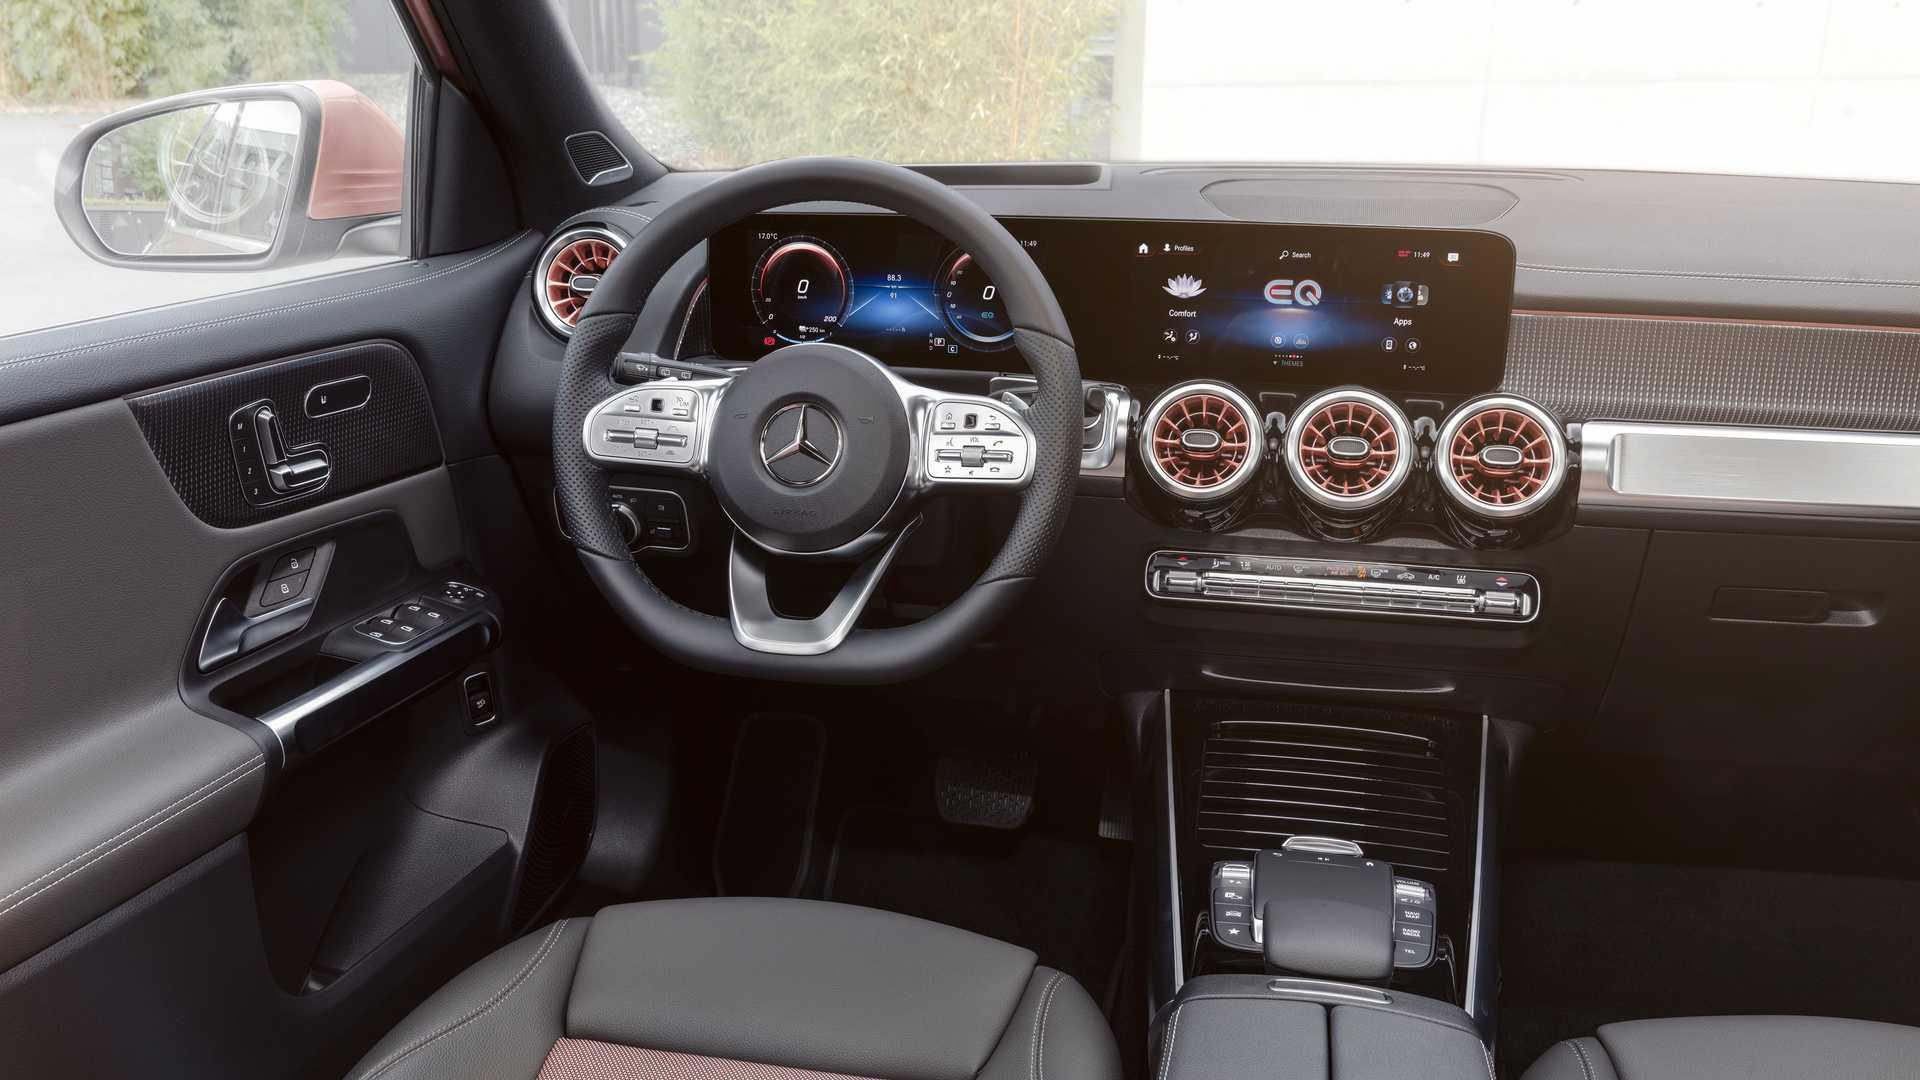 2022-mercedes-benz-eqb-350-interior.jpg